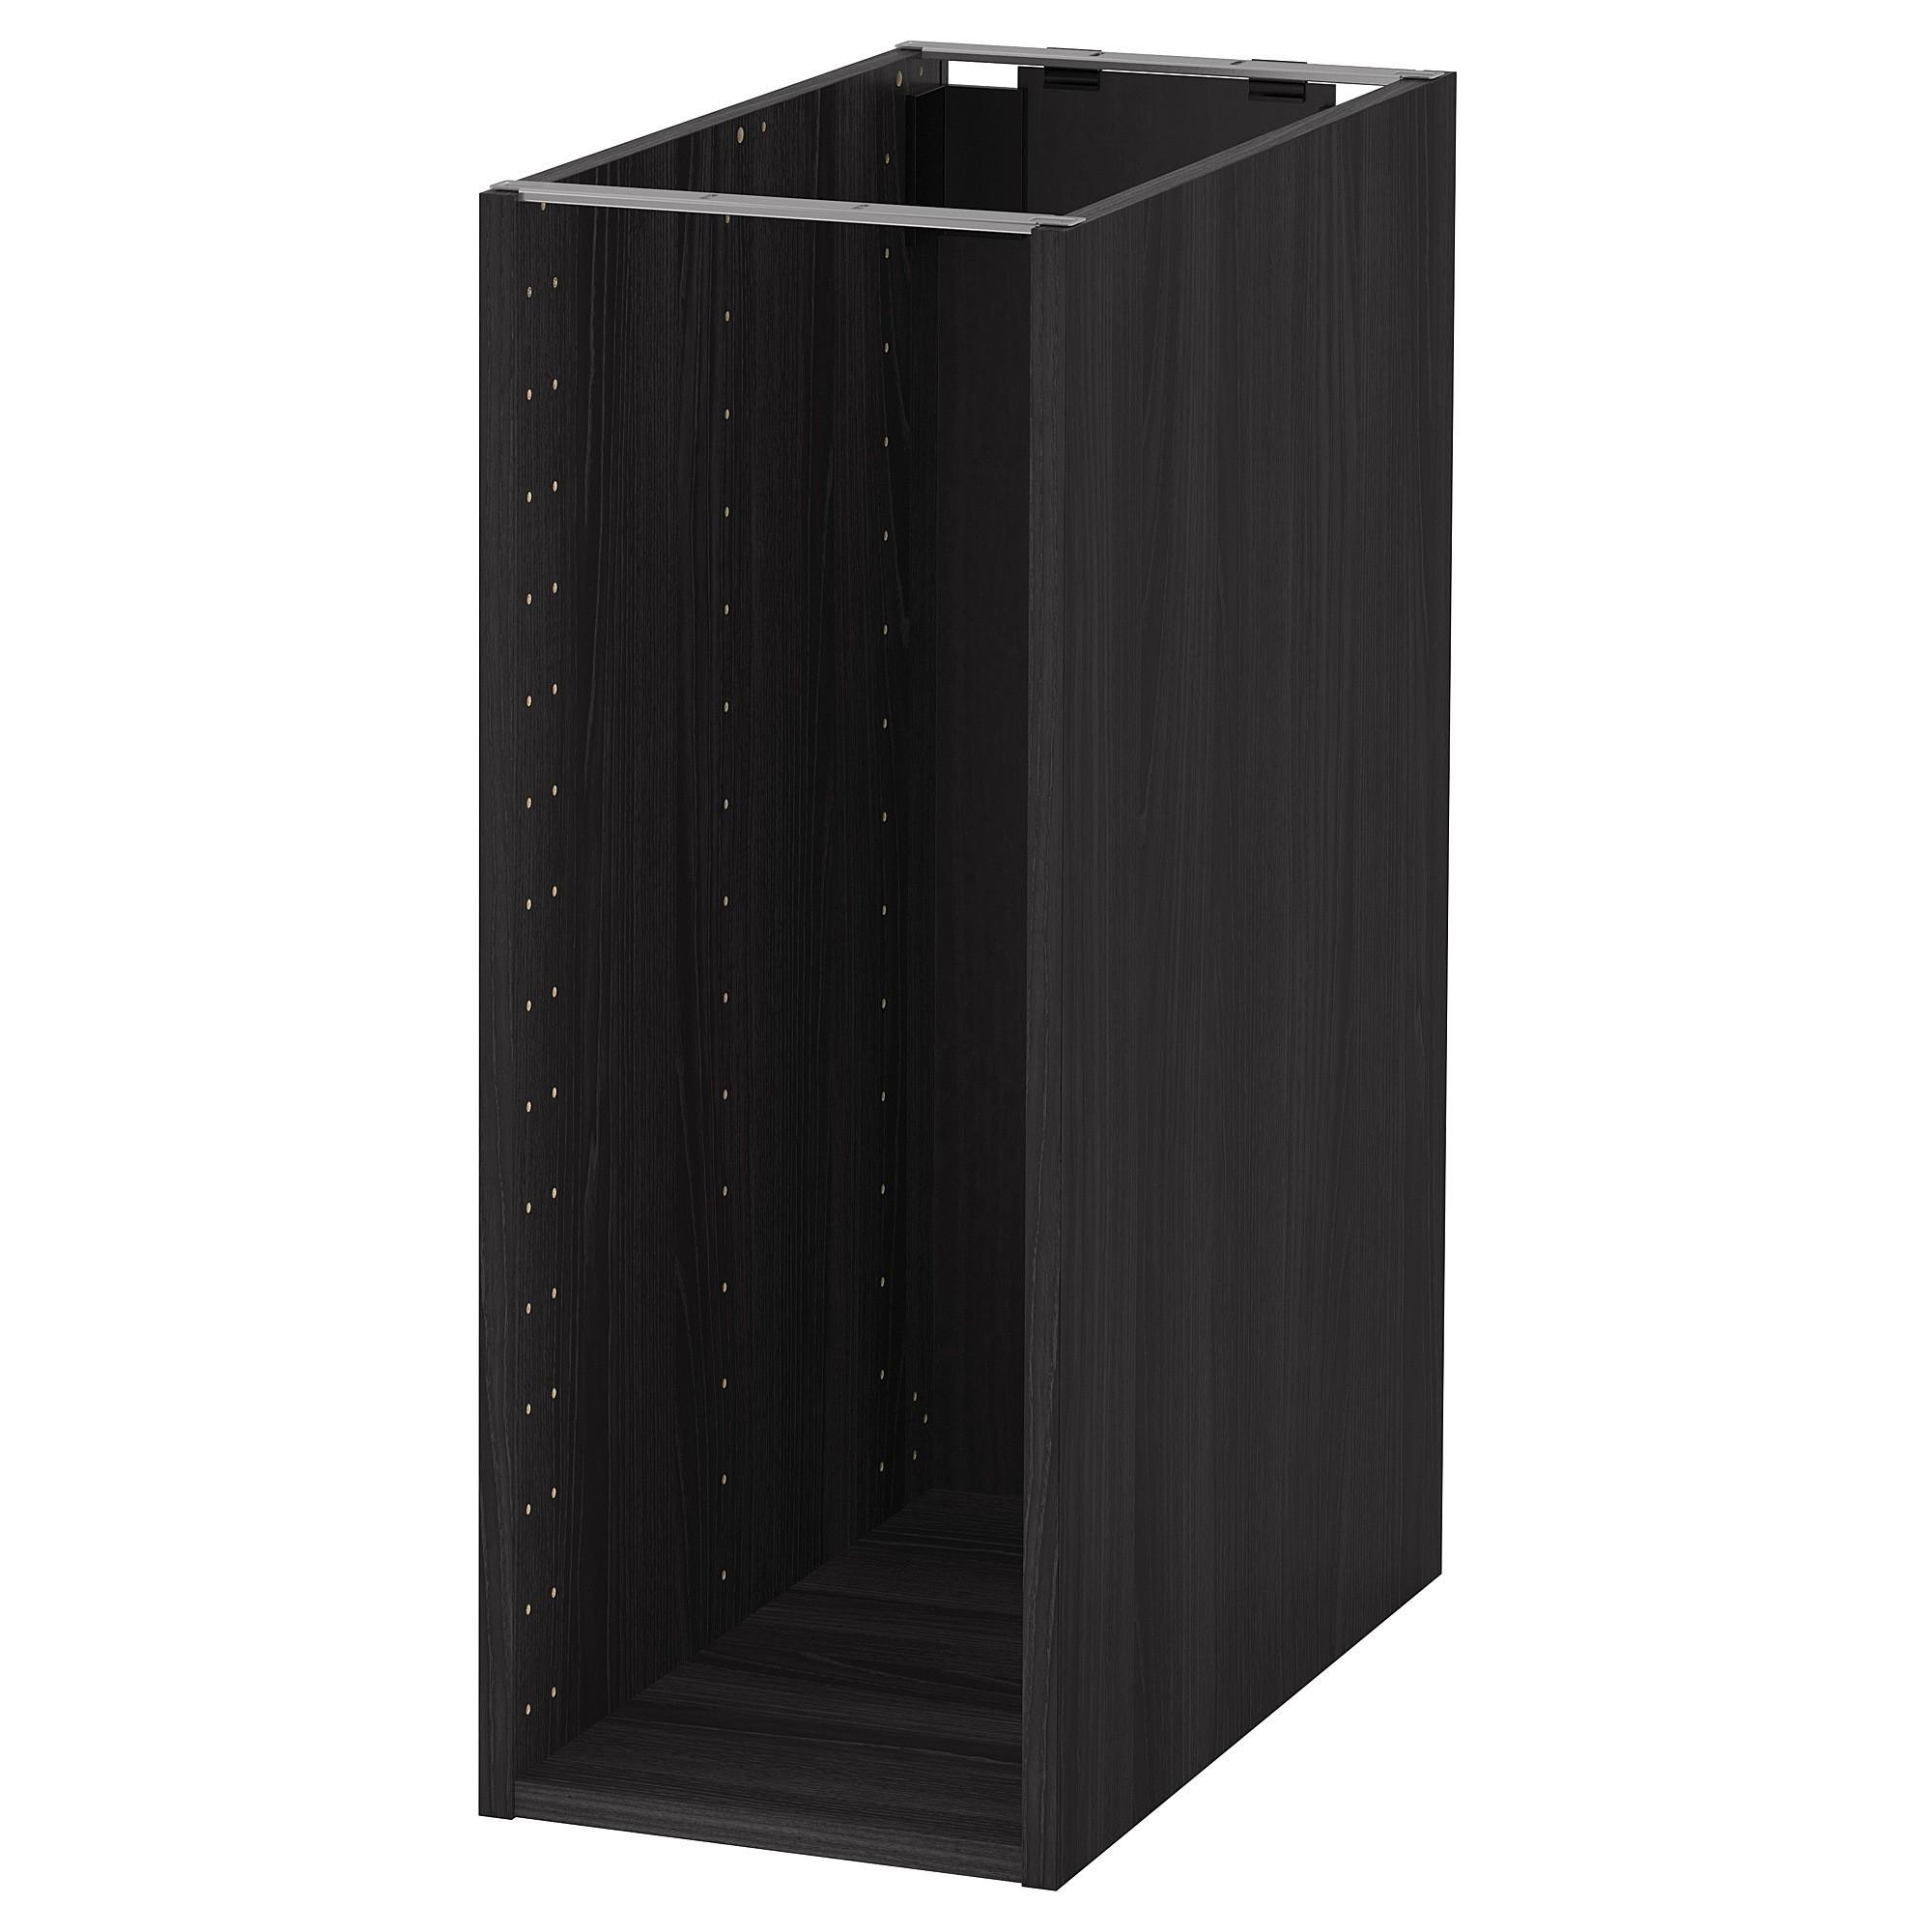 IKEA METOD каркас напольного шкафа под дерево черный 30x80 см 104.172.82